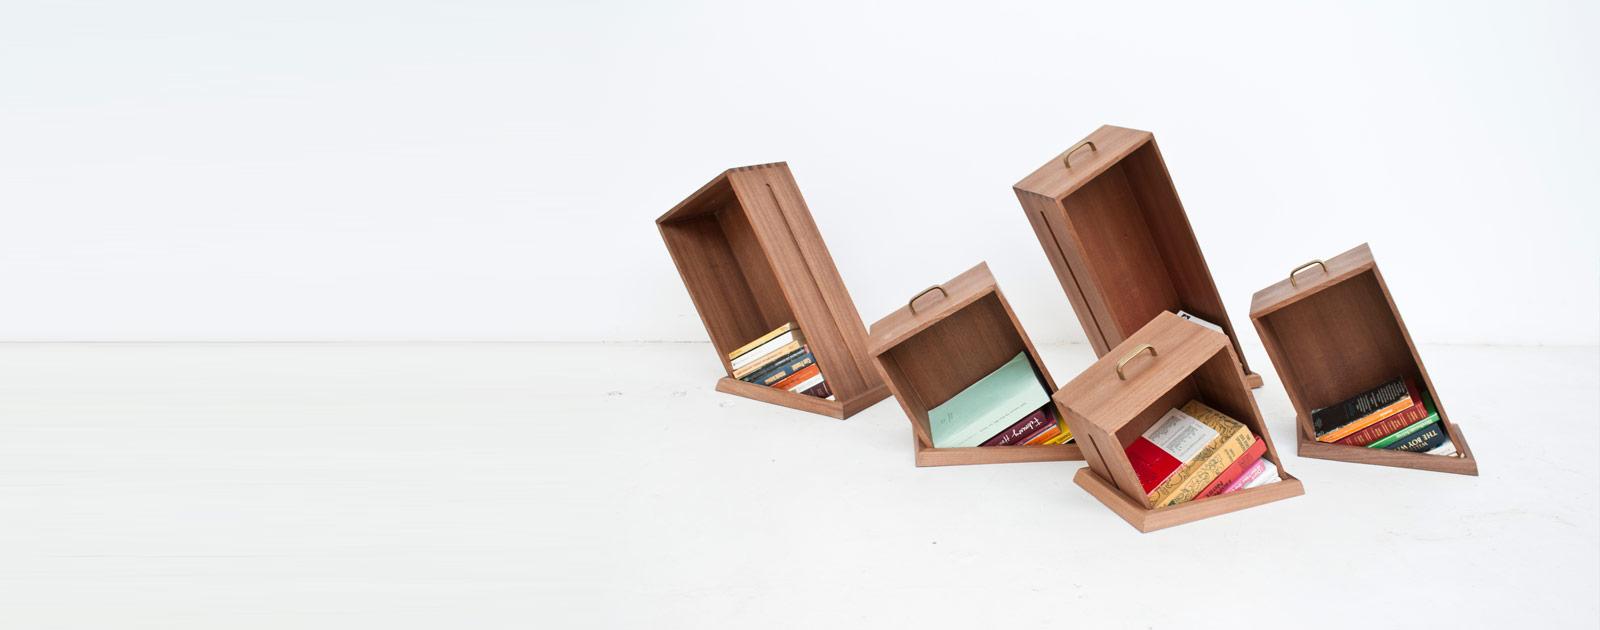 地面に穴が空いているように見える本棚「Hole In The Floor Bookcase」